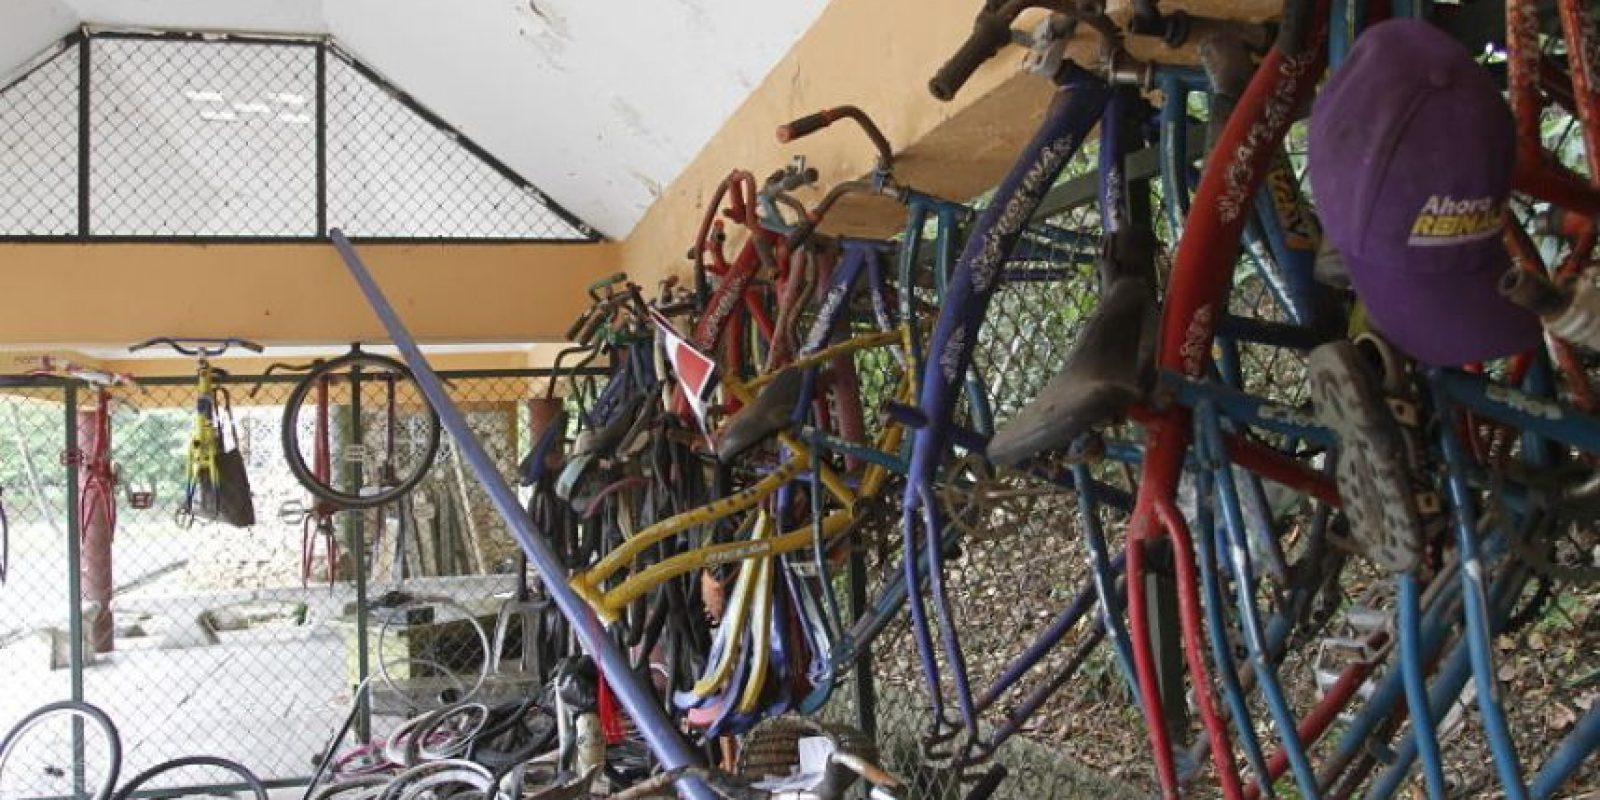 De las bicicletas solo quedan 12, mientras se exhiben, como en feria, decenas de restos oxidados. Foto:Roberto Guzmán